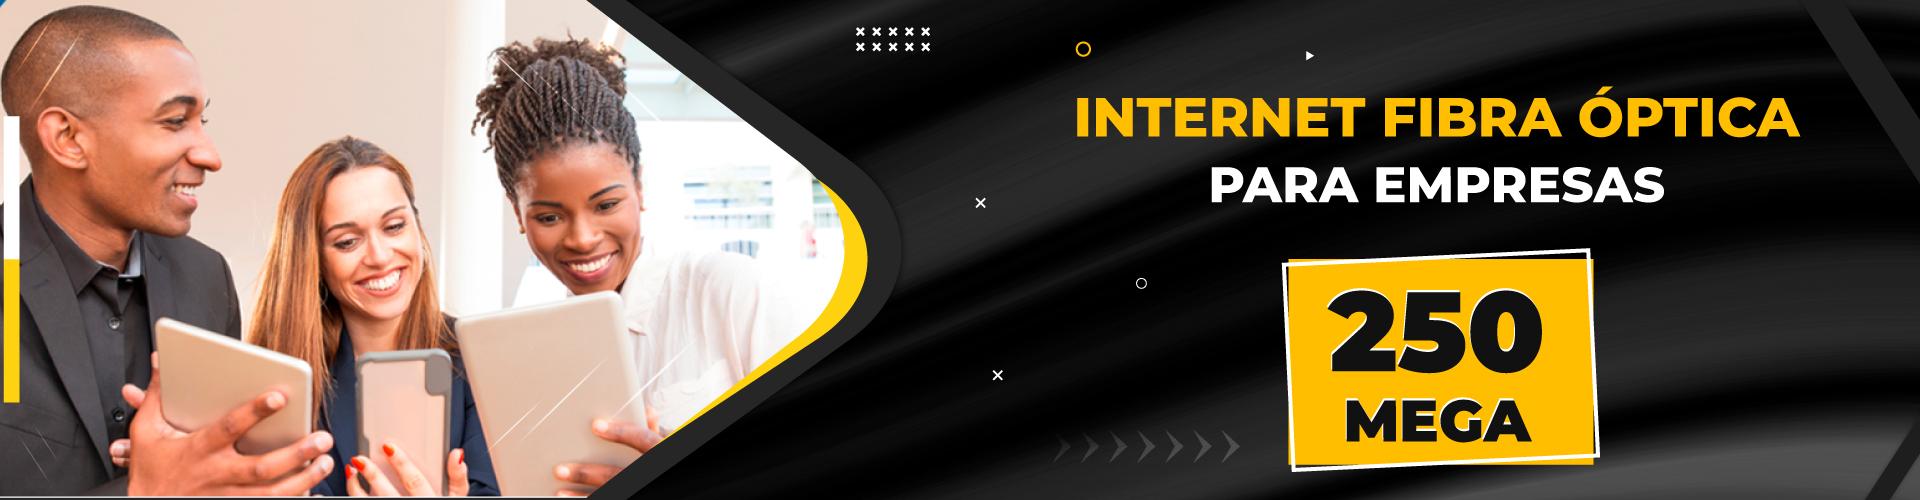 internet-fibra-optica-empresarial-250-mega